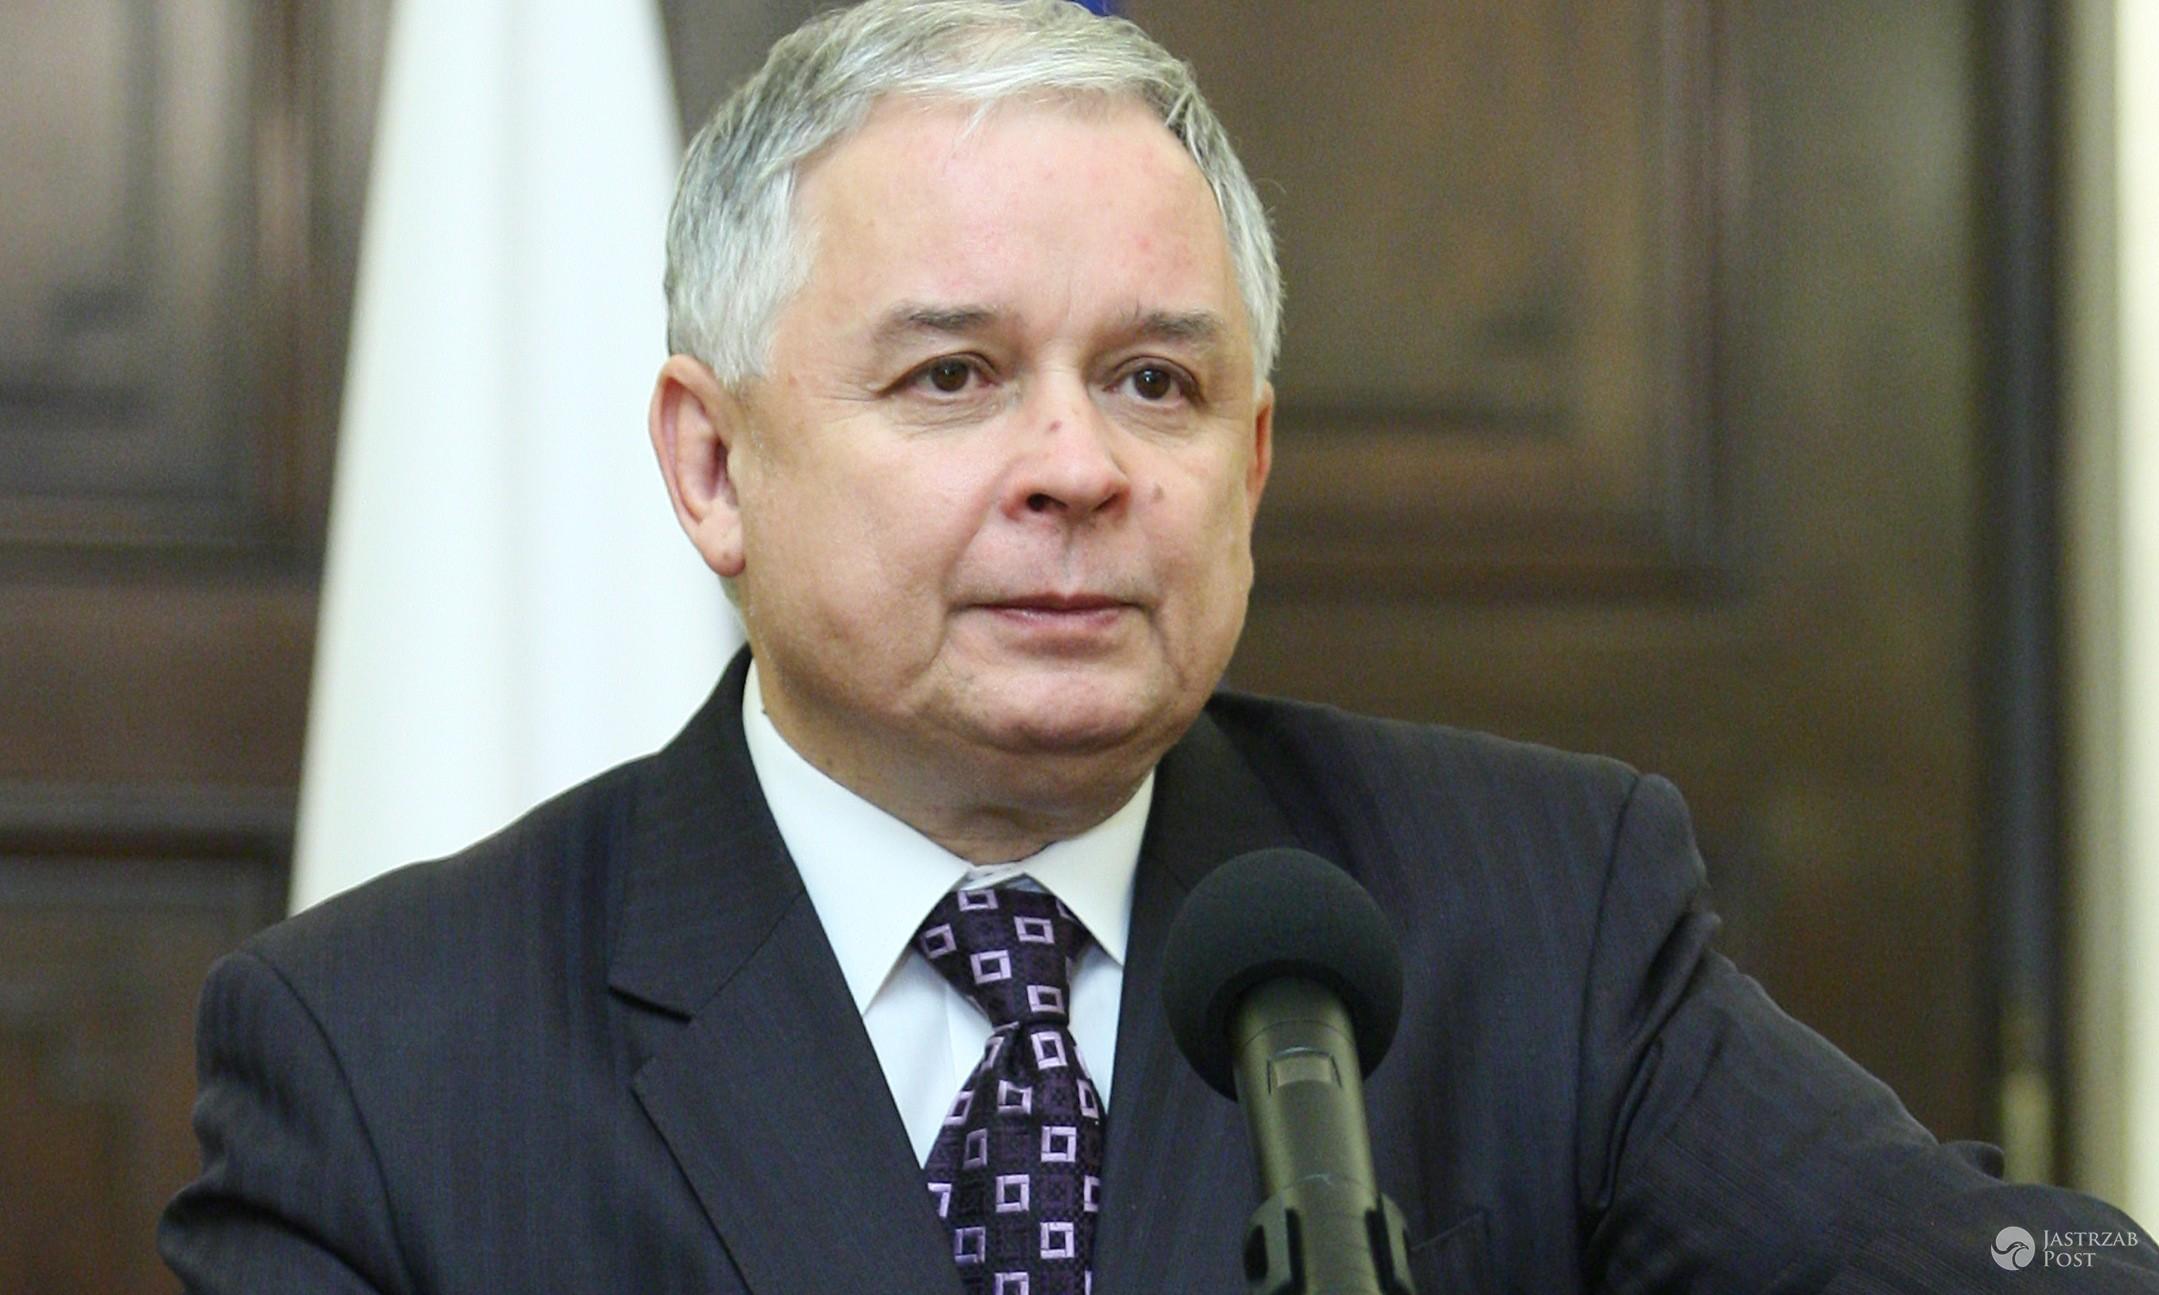 15-12-2008 Konferencję prasowa Prezydenta RP Lecha Kaczynskiego na temat emerytur pomostowych fot. Krzysztof Swiezak / ONS